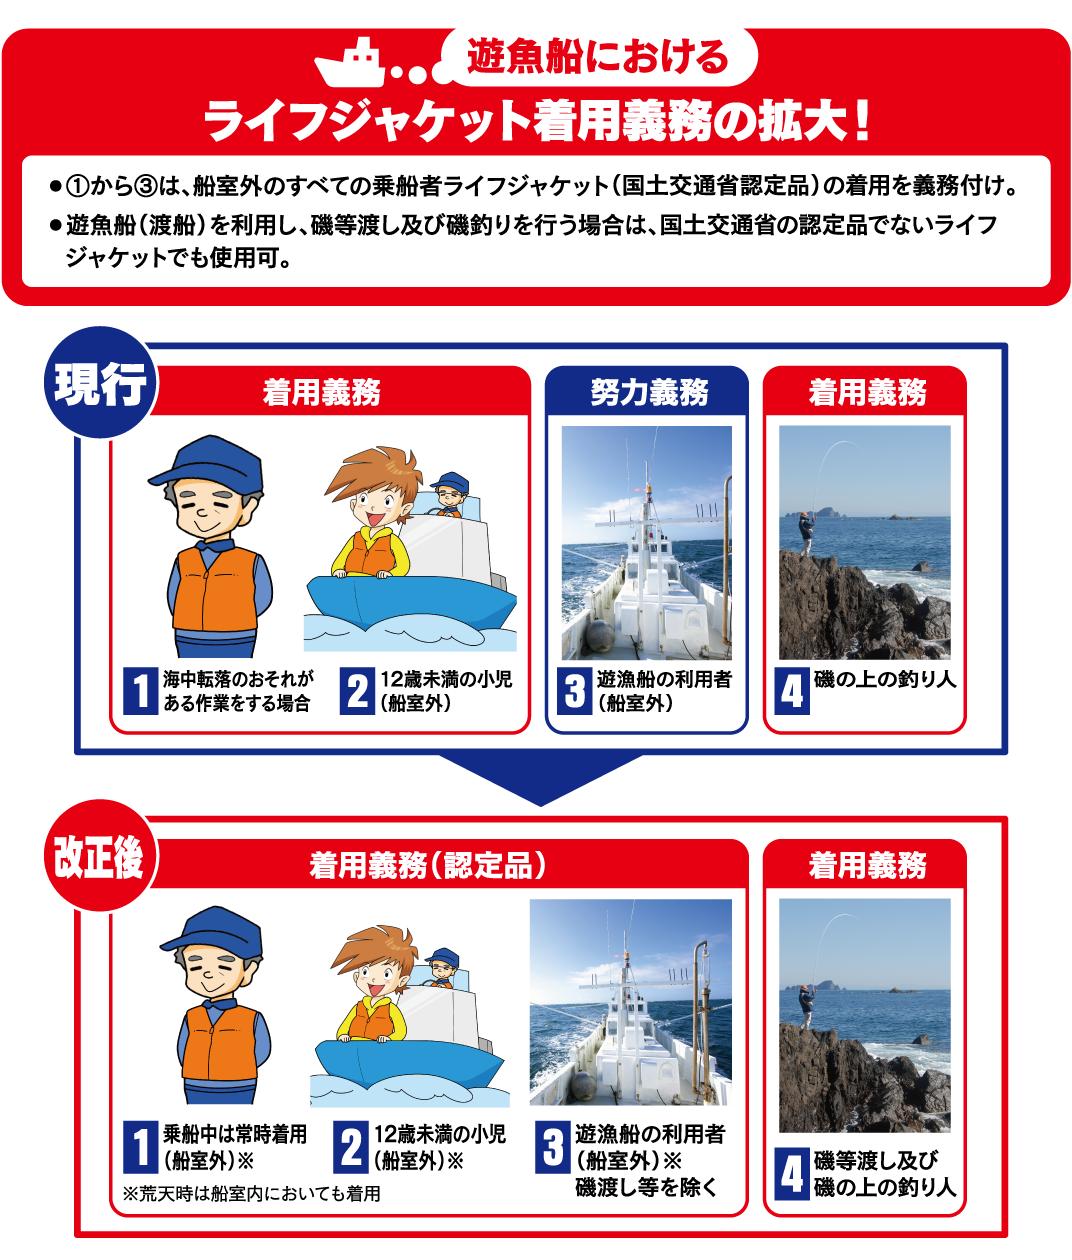 遊漁船におけるライフジャケット着用義務の拡大!